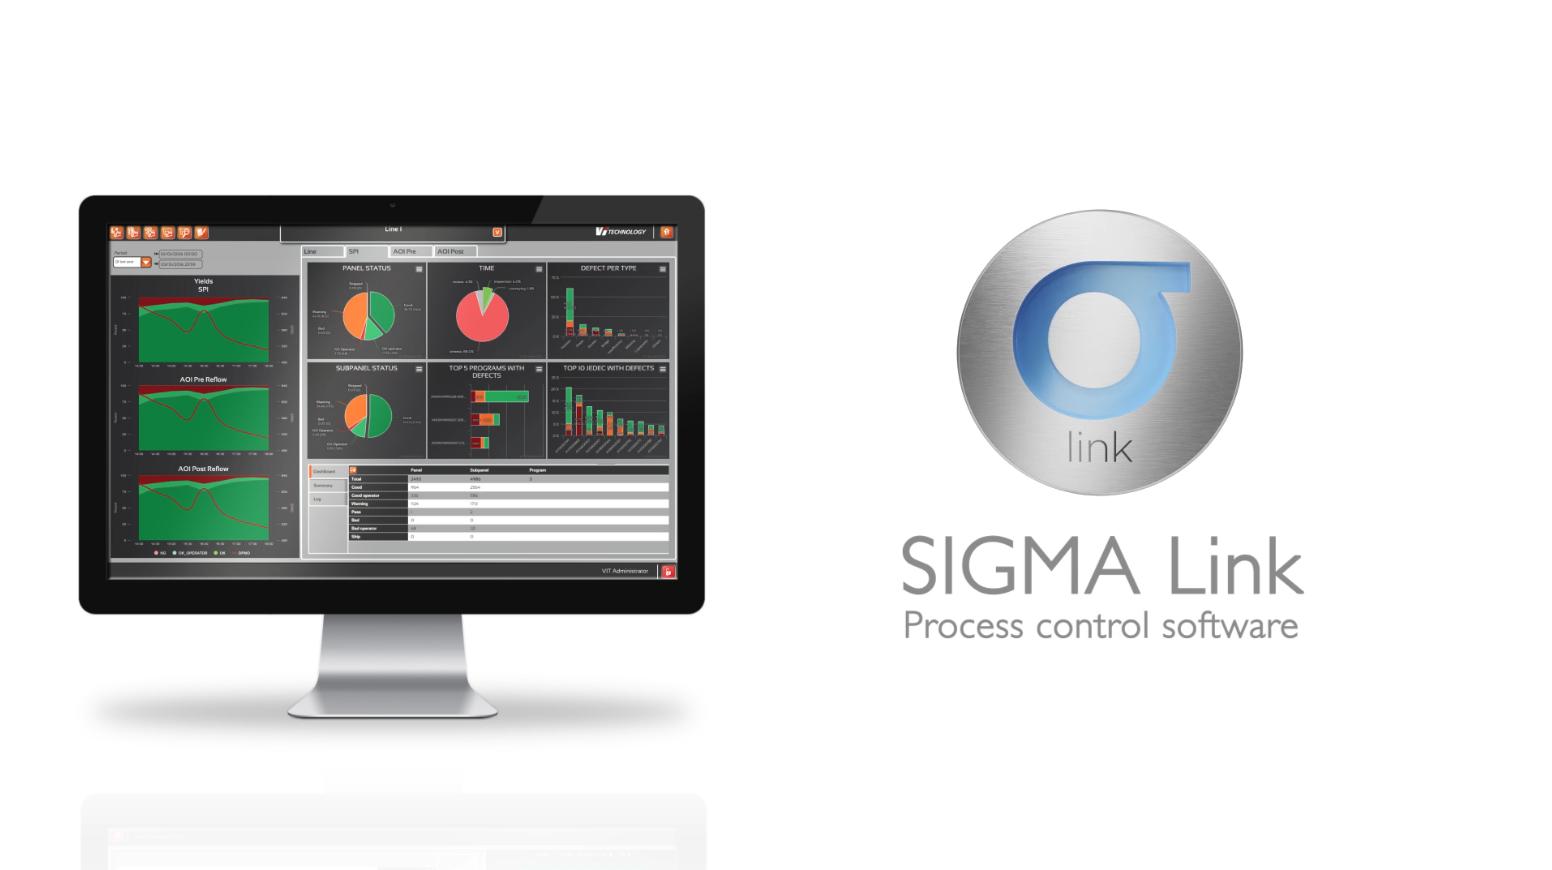 MATAS ELECTRONICS spricht über die SIGMA LINK Prozesssteuerungssoftware von Vi TECHNOLOGY